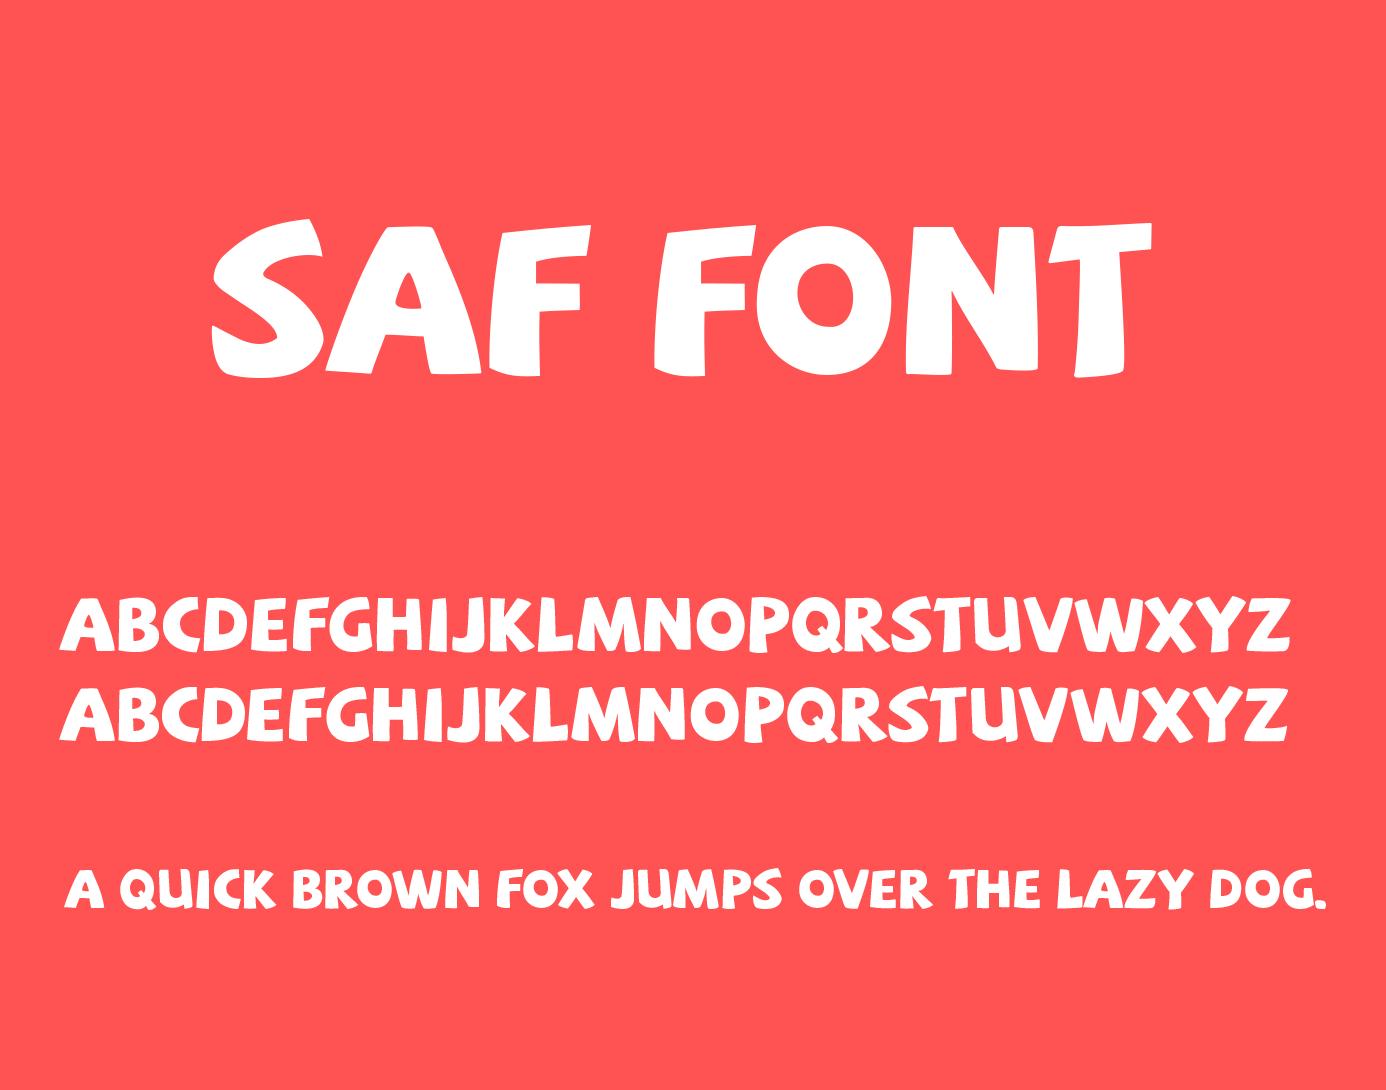 https://fontclarity.com/wp-content/uploads/2019/09/saf-font-download-0.png Free Download